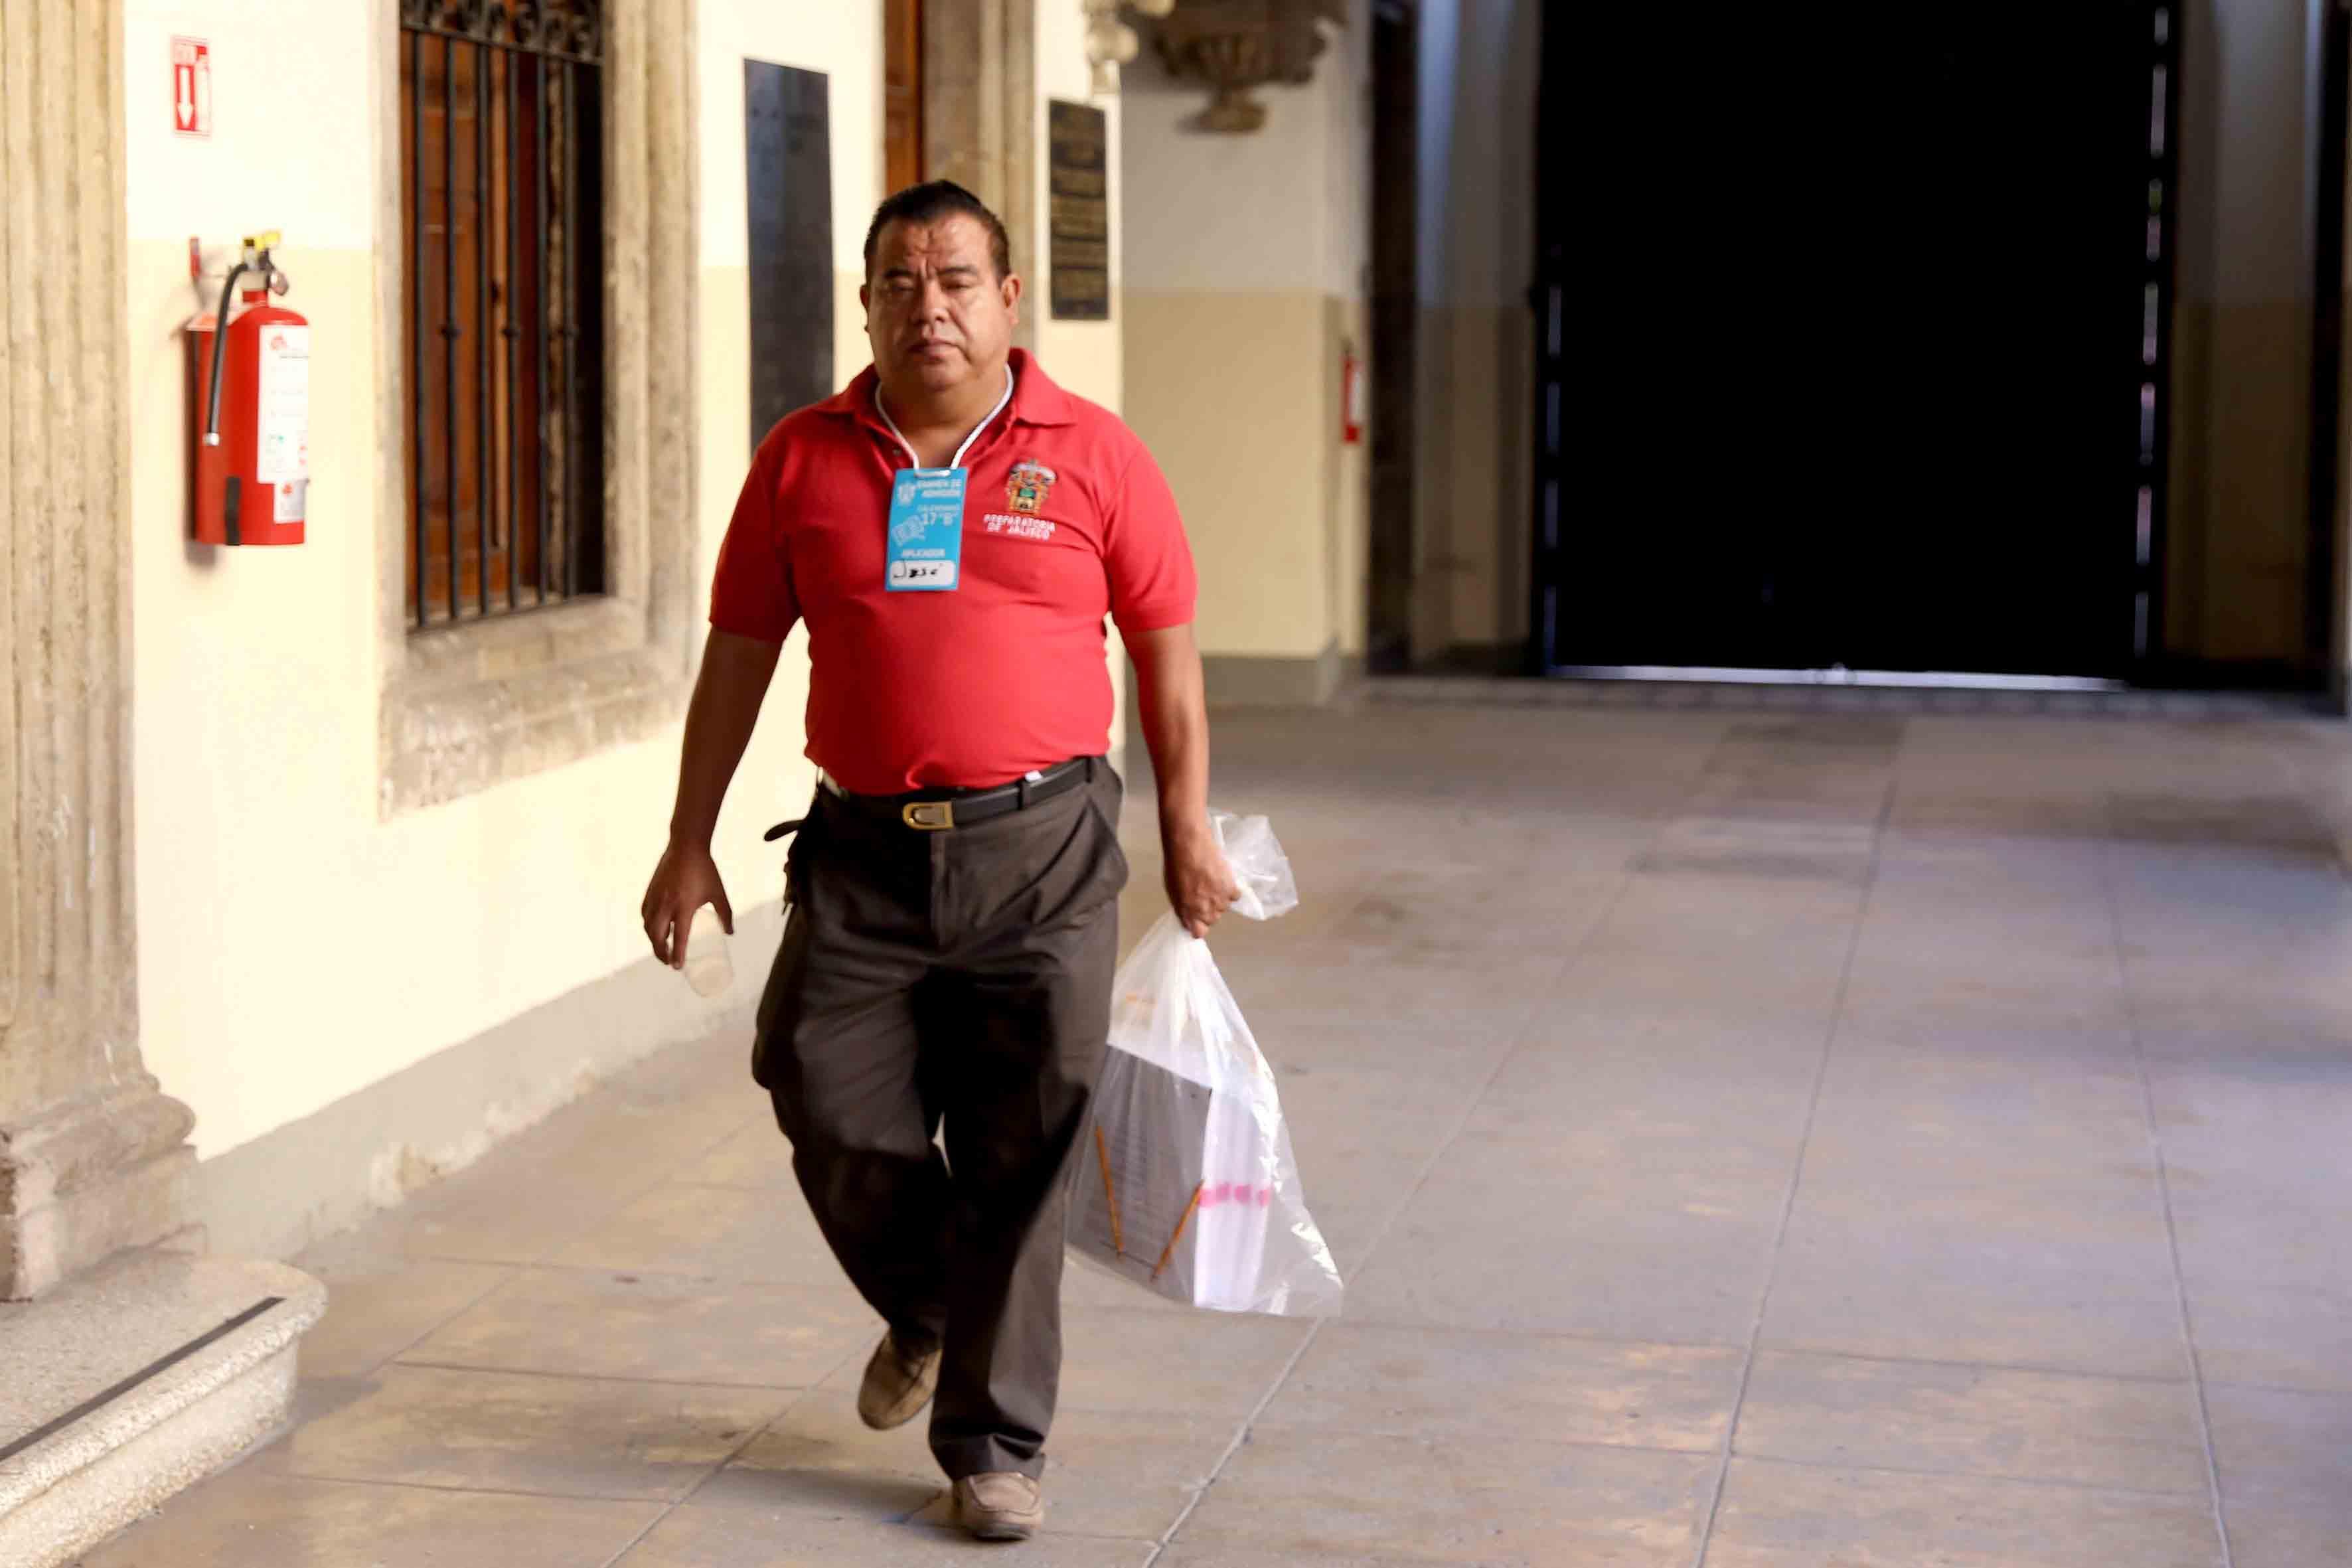 Aplicador pasando por los pasillos de la preparatoria de Jalisco, con el paquete de examenes Piense II.